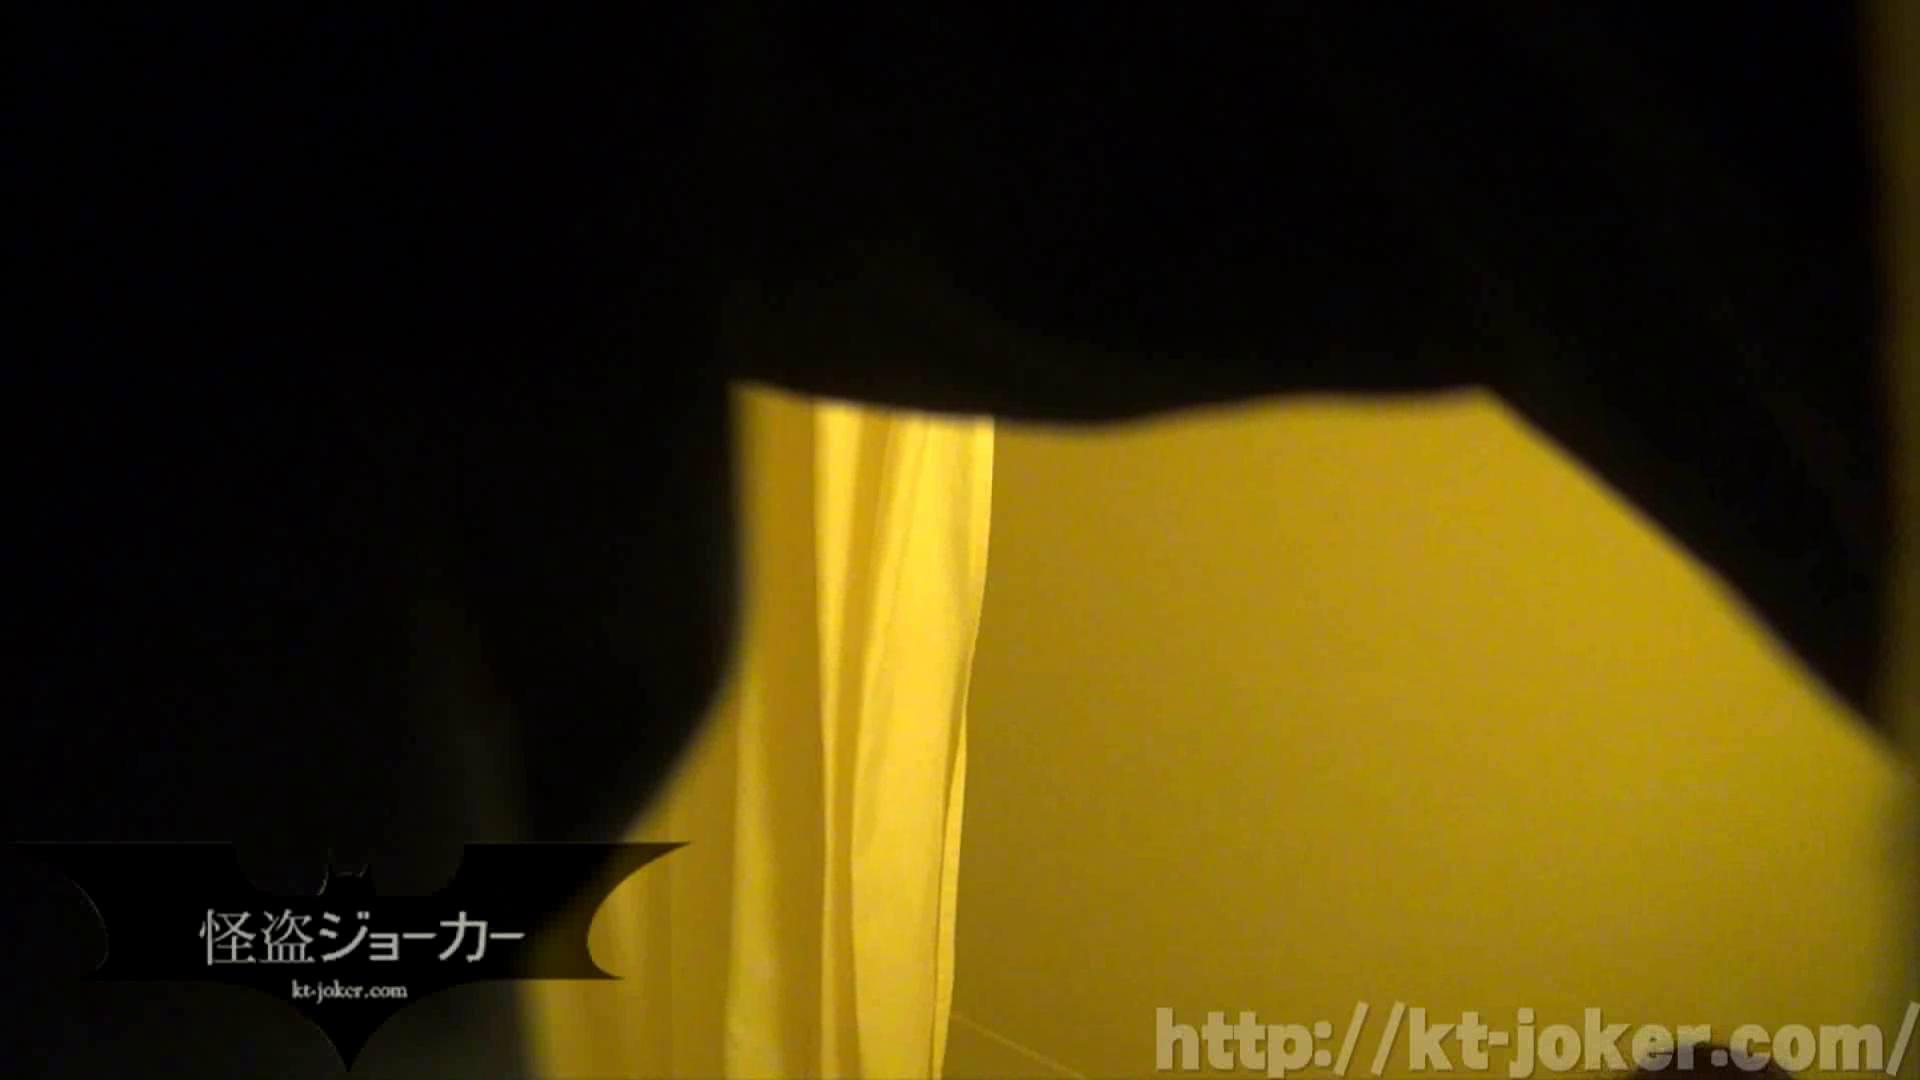 イ・タ・ズ・ラ劇場 Vol.01 巨乳  36連発 18